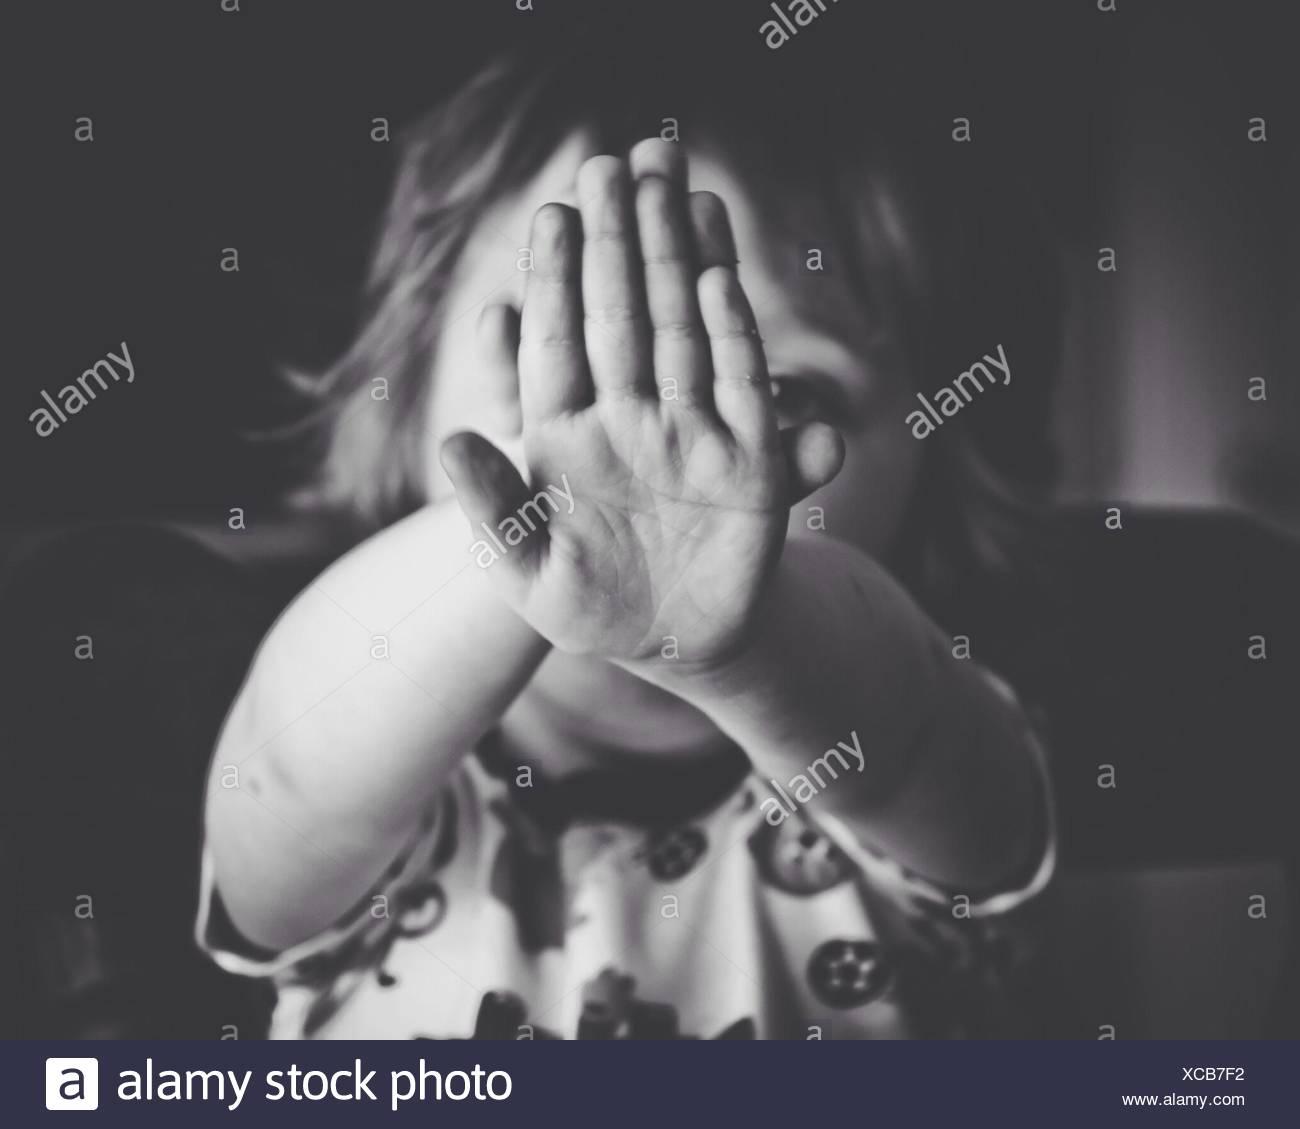 Close-Up Ritratto di ragazza nascondendo la faccia Immagini Stock